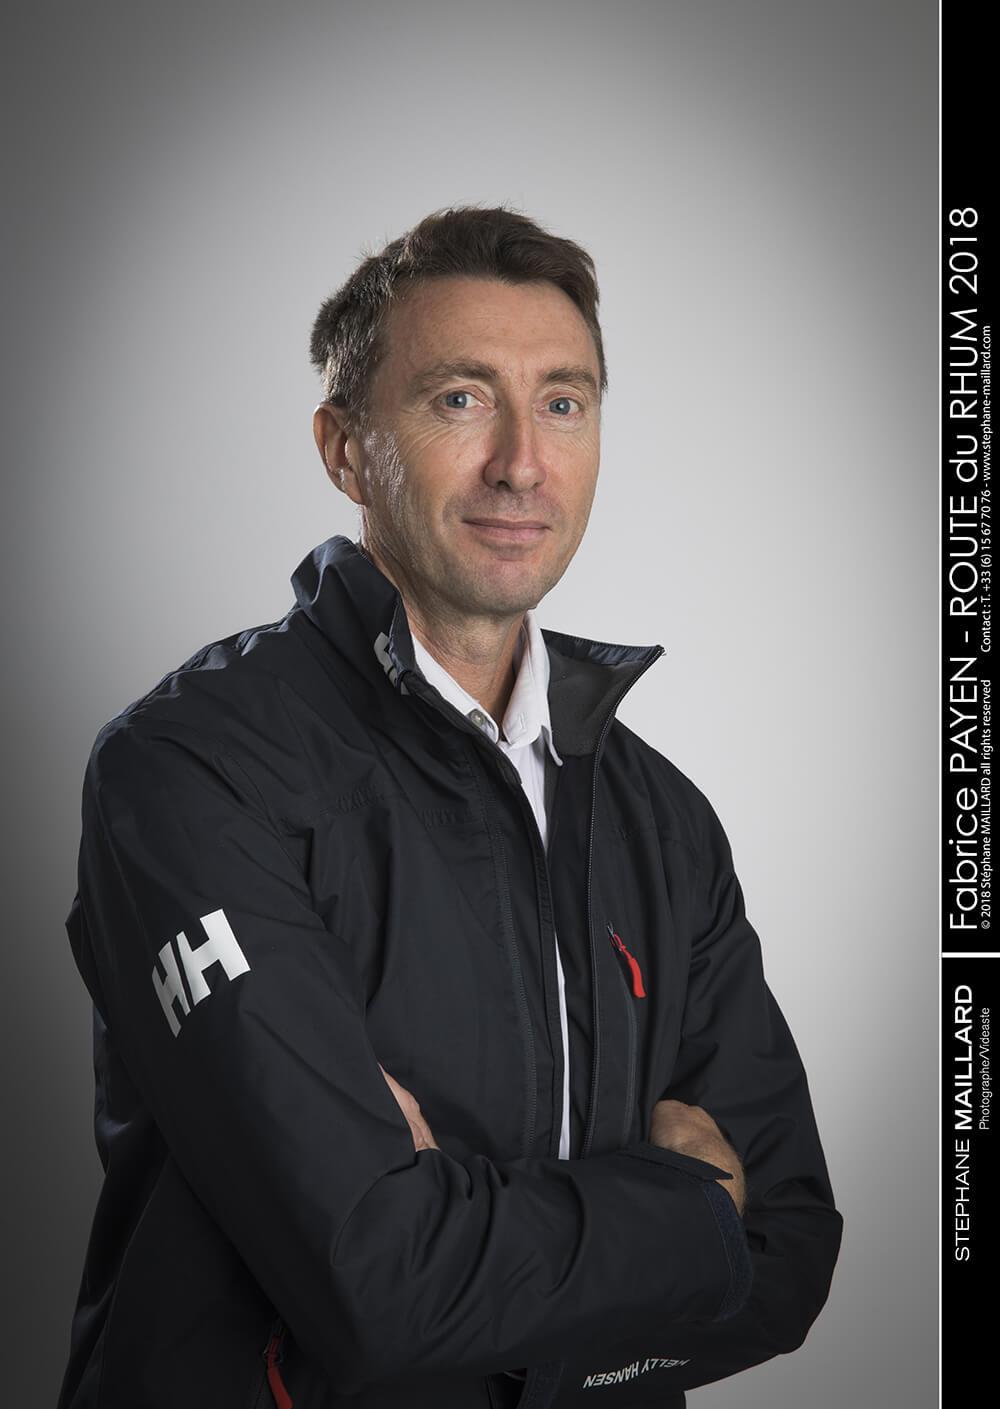 Fabrice payen, premier skipper amputé à entrenprendre la route du rhum par Coppet Avocats